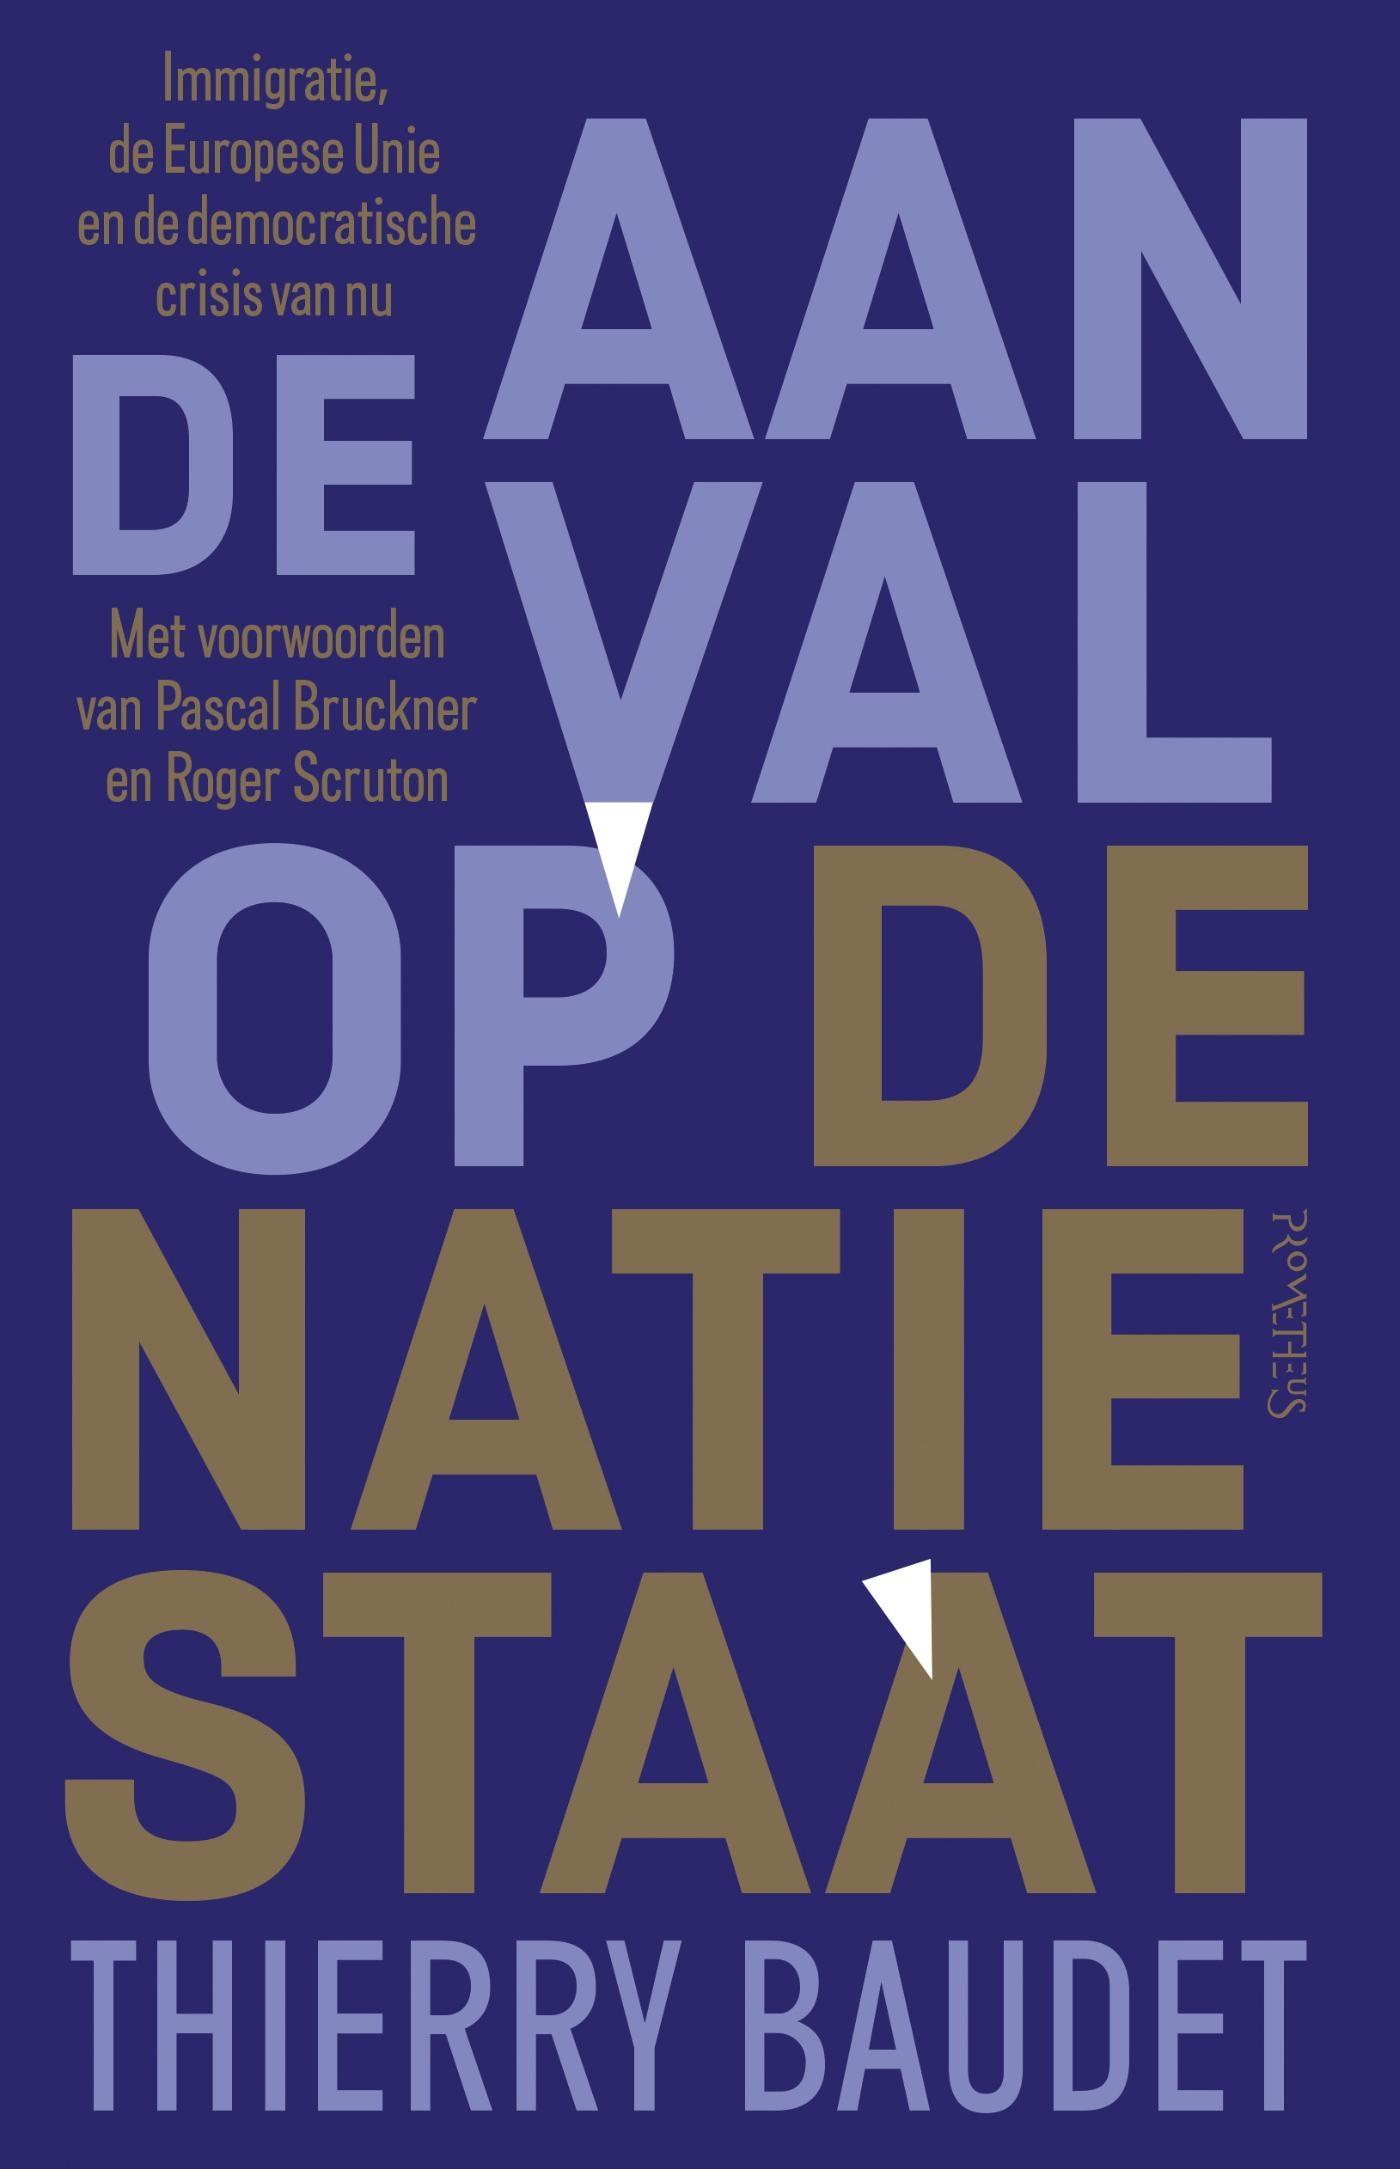 De aanval op de natiestaat – Thierry Baudet